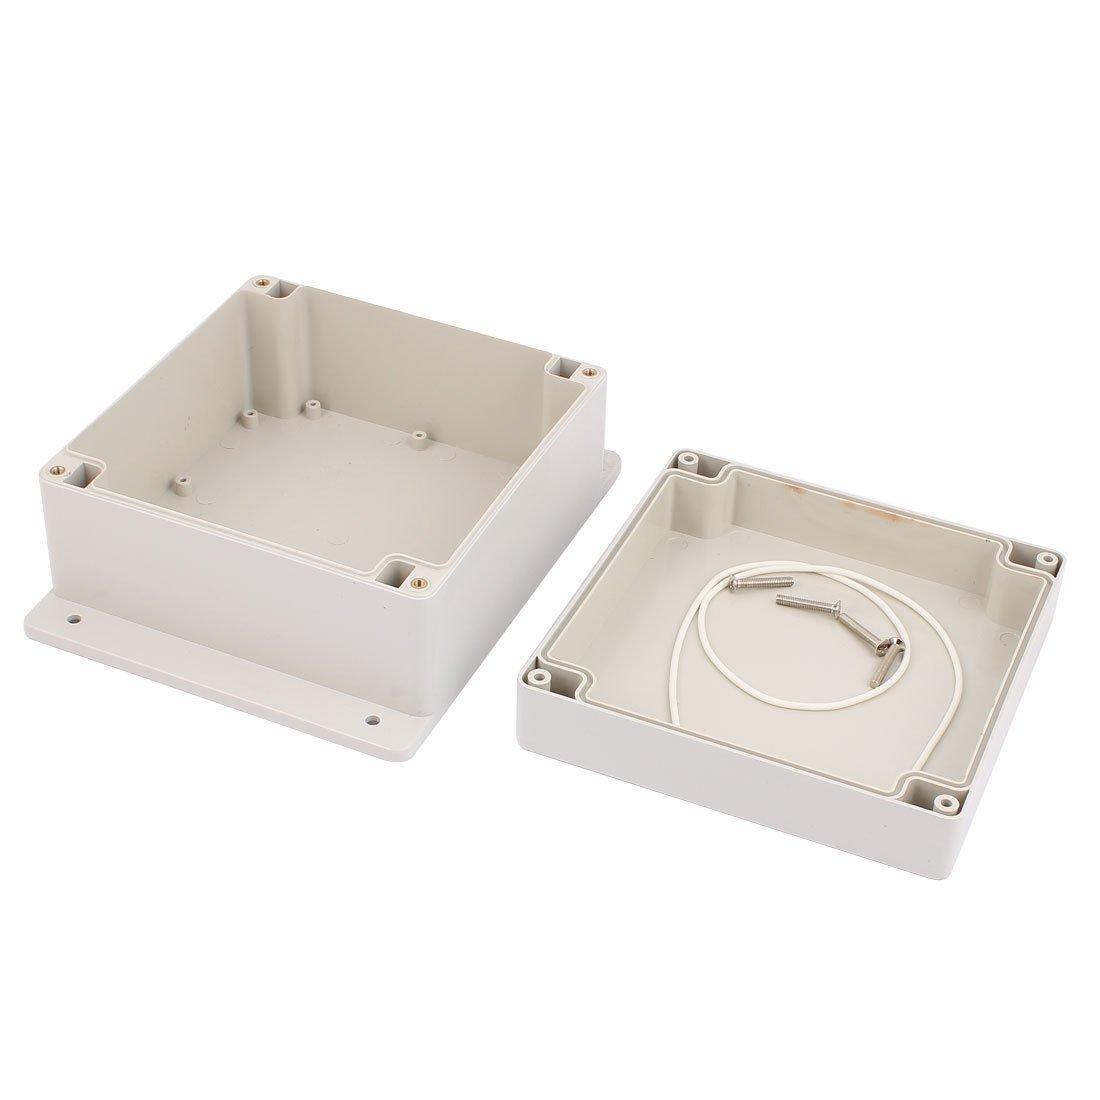 Amazon.com: DealMux impermeável caso do projeto eletrônico fiação da caixa de junção 160x160x90mm: Electronics